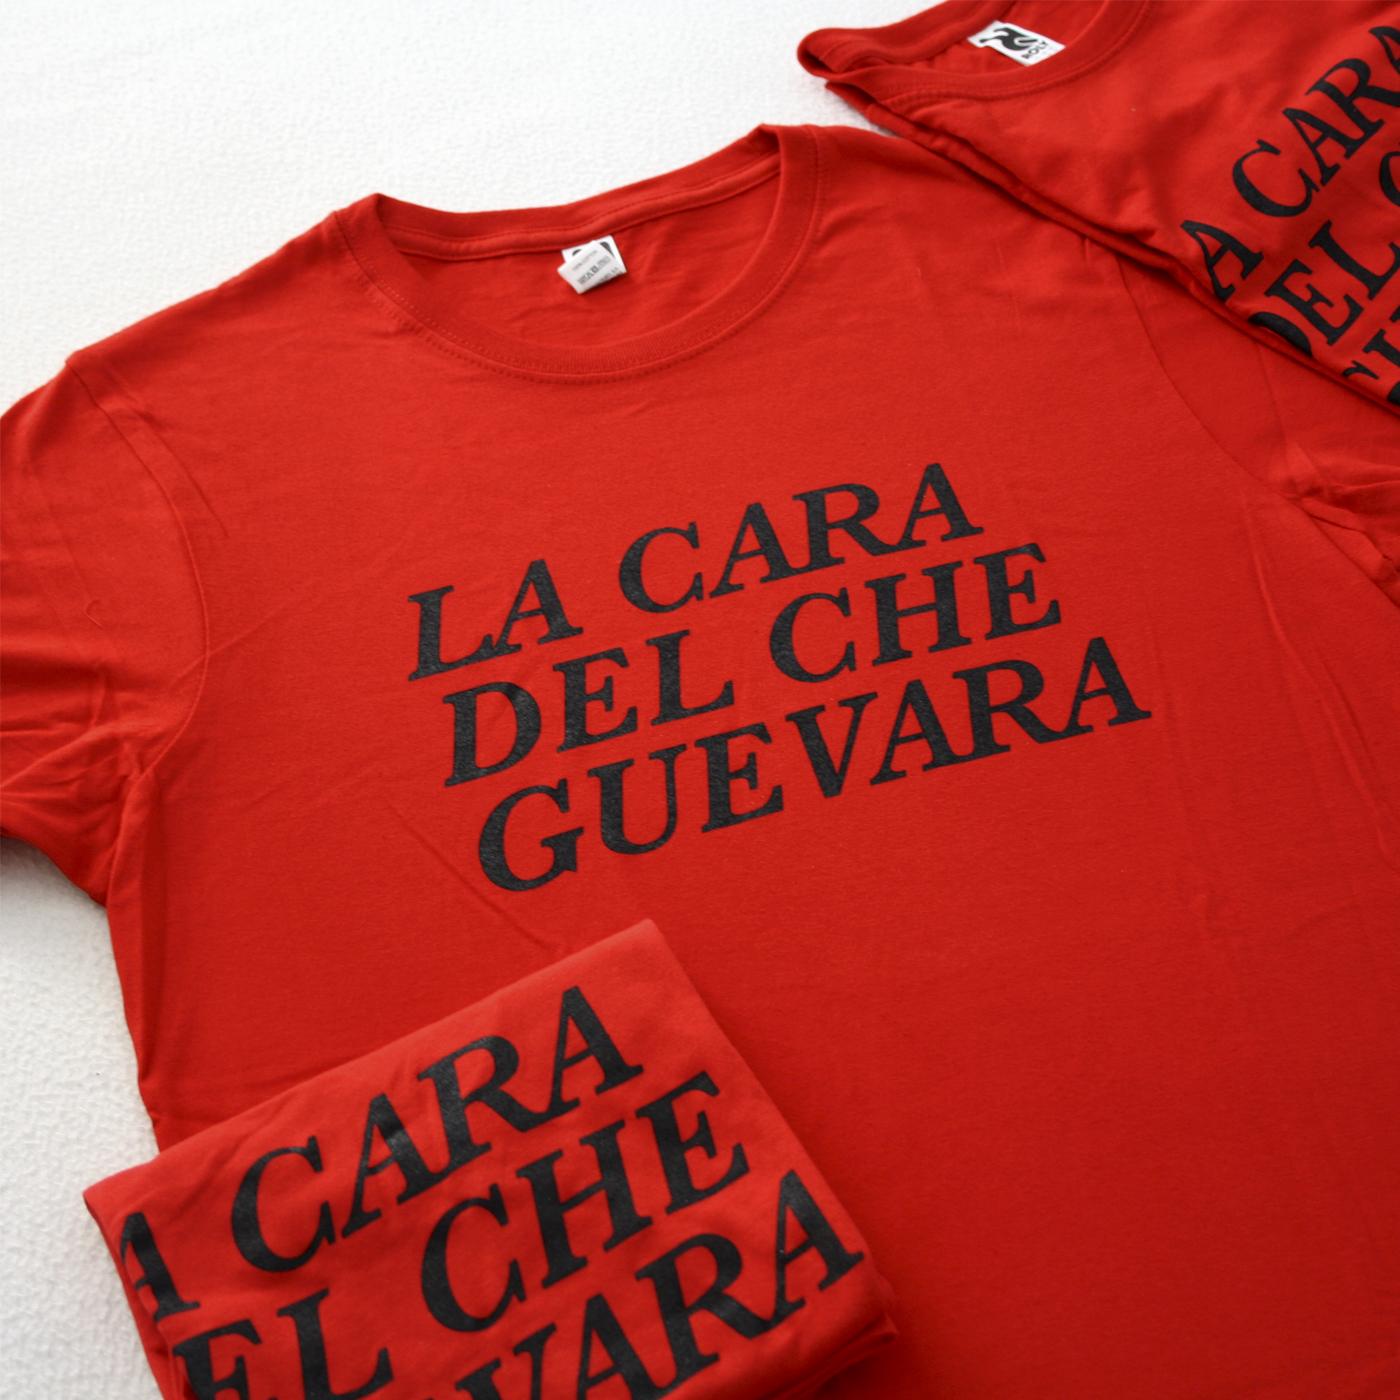 Camisetas 1000x0001 - La cara del Che Gevara grupo